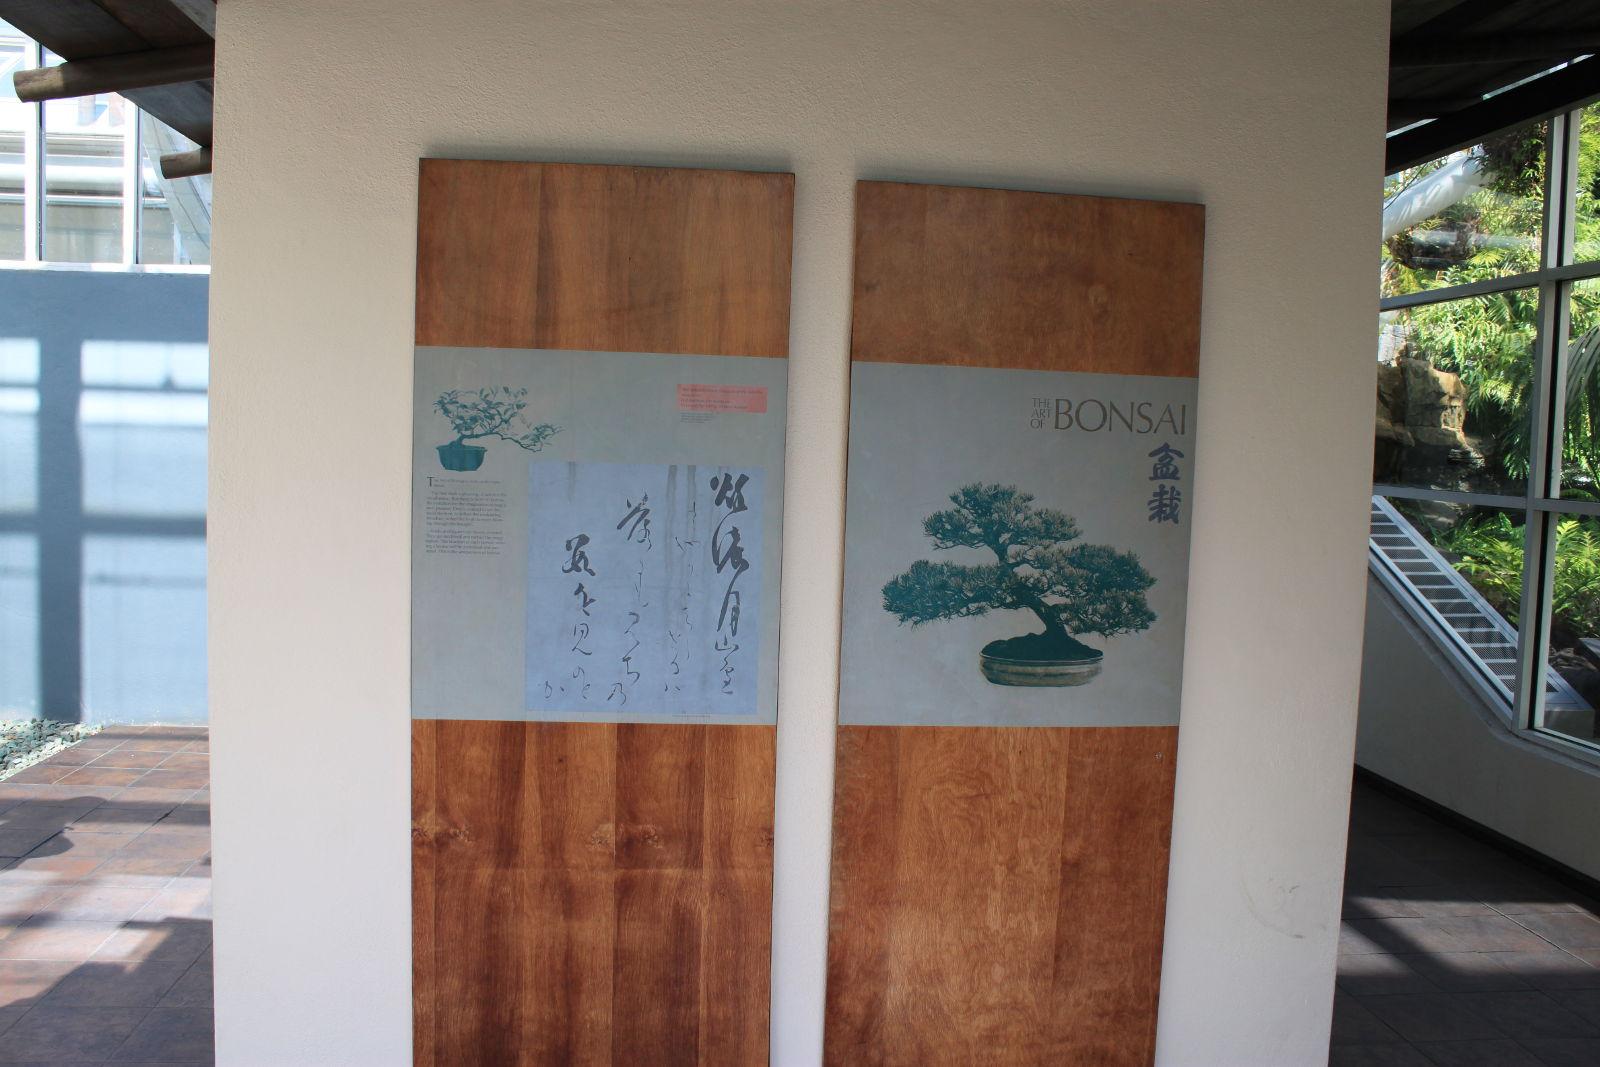 Panel zobrazujúci históriu bonsajového umenia.